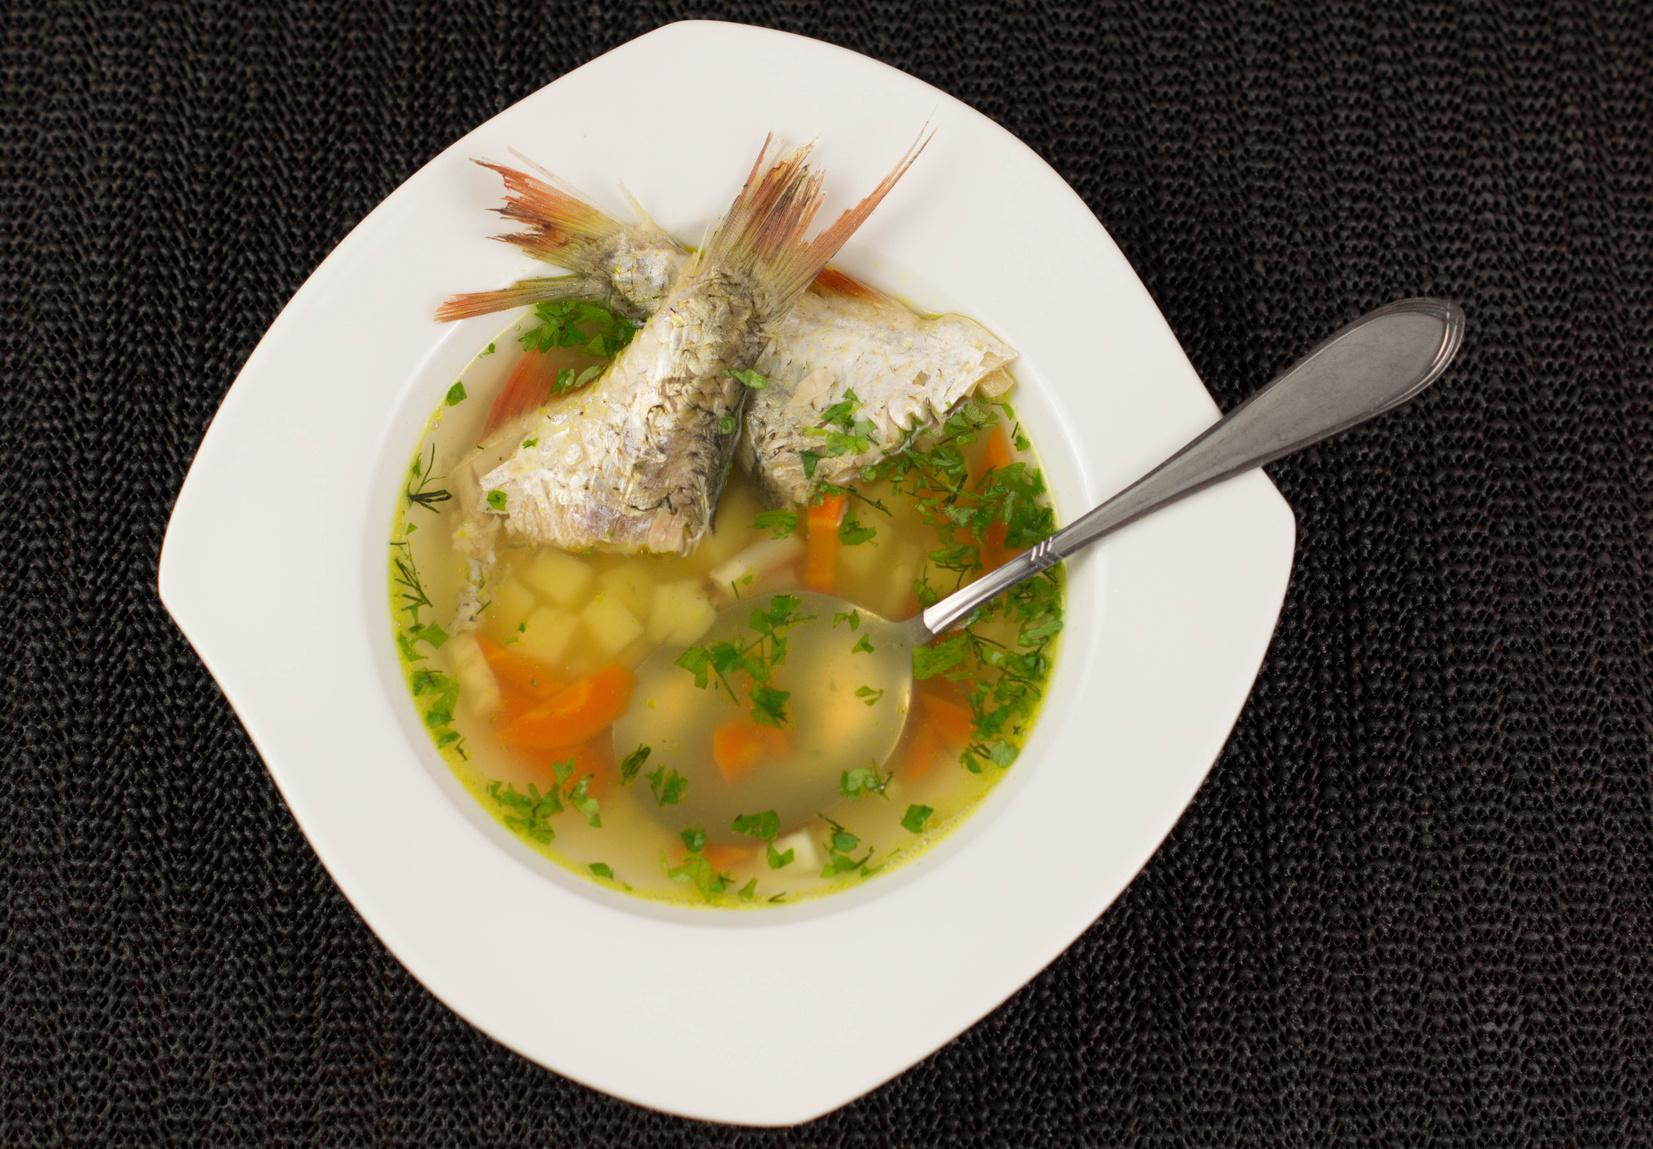 pyszna Zupa rybna przepis